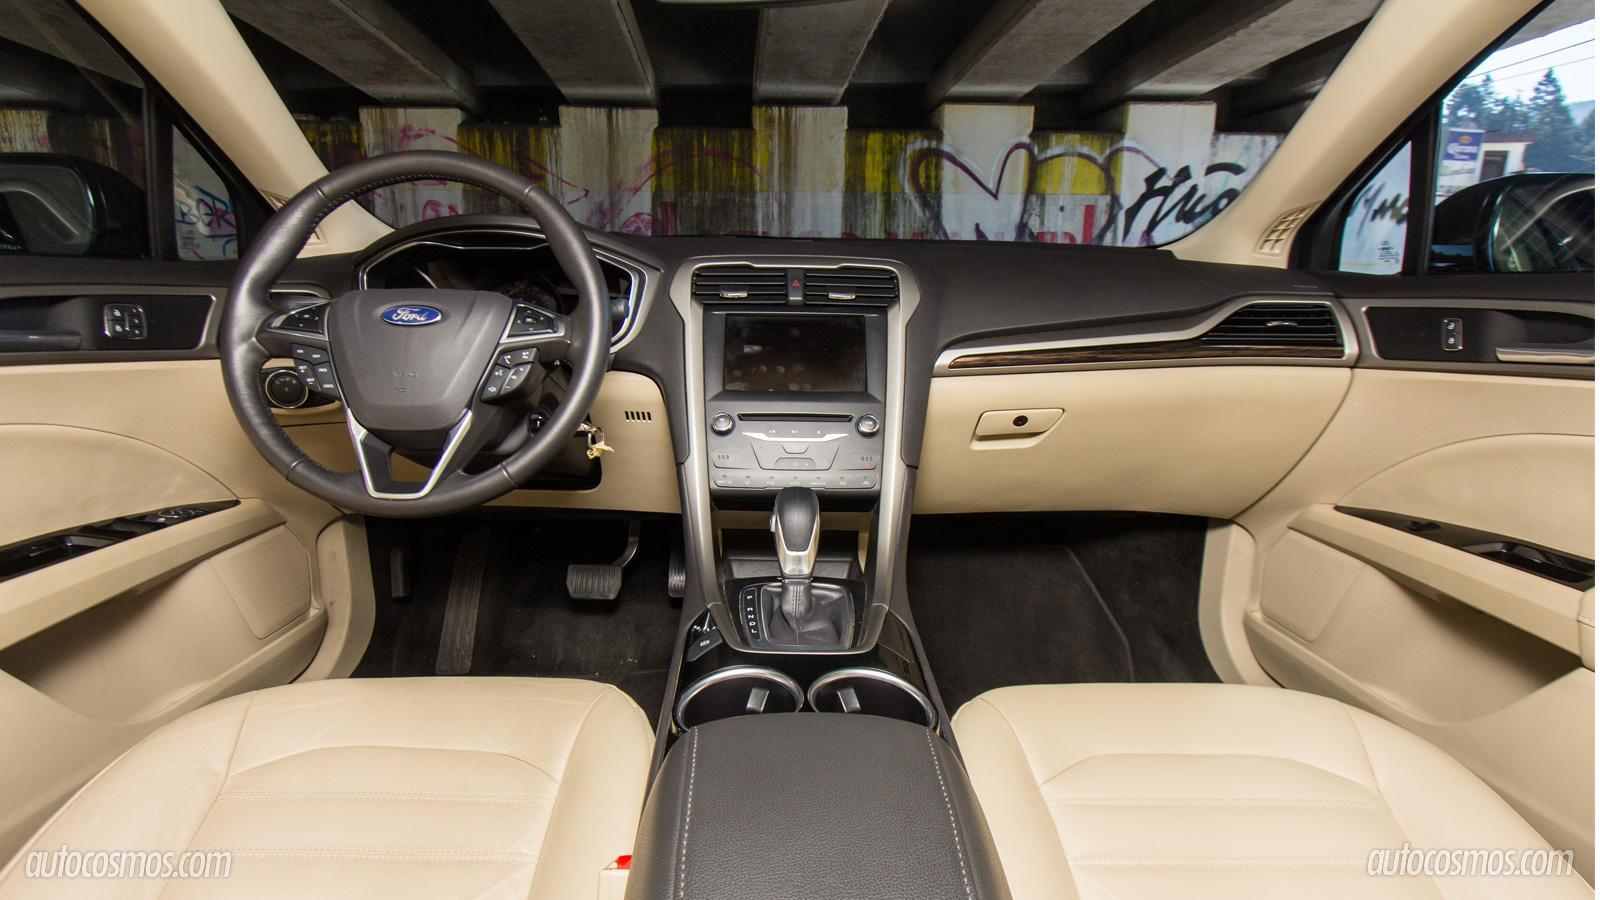 Ford Fusion Hbrido 2013 A Prueba